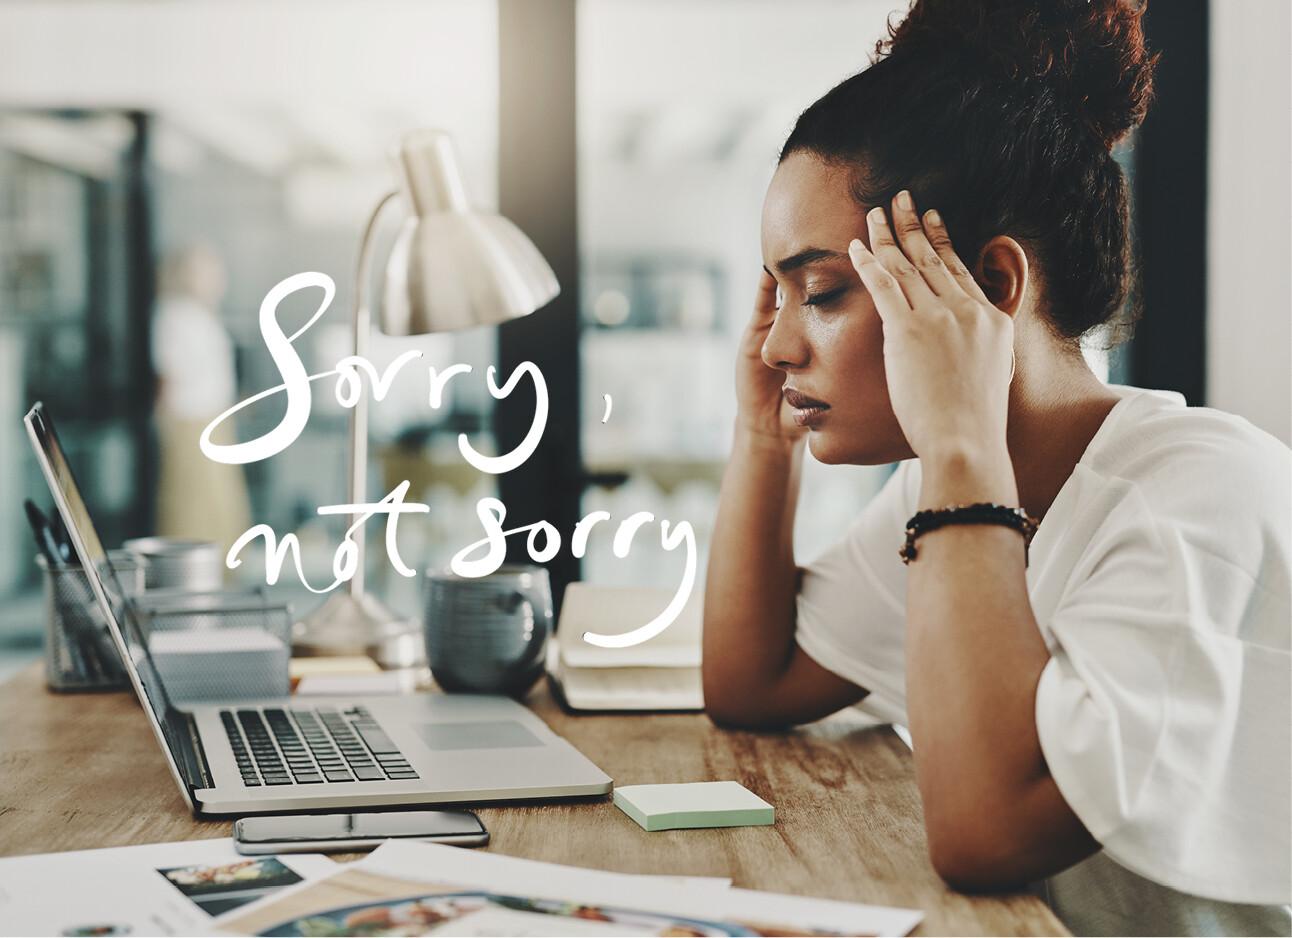 vrouw achter computer kijkend naar scherm